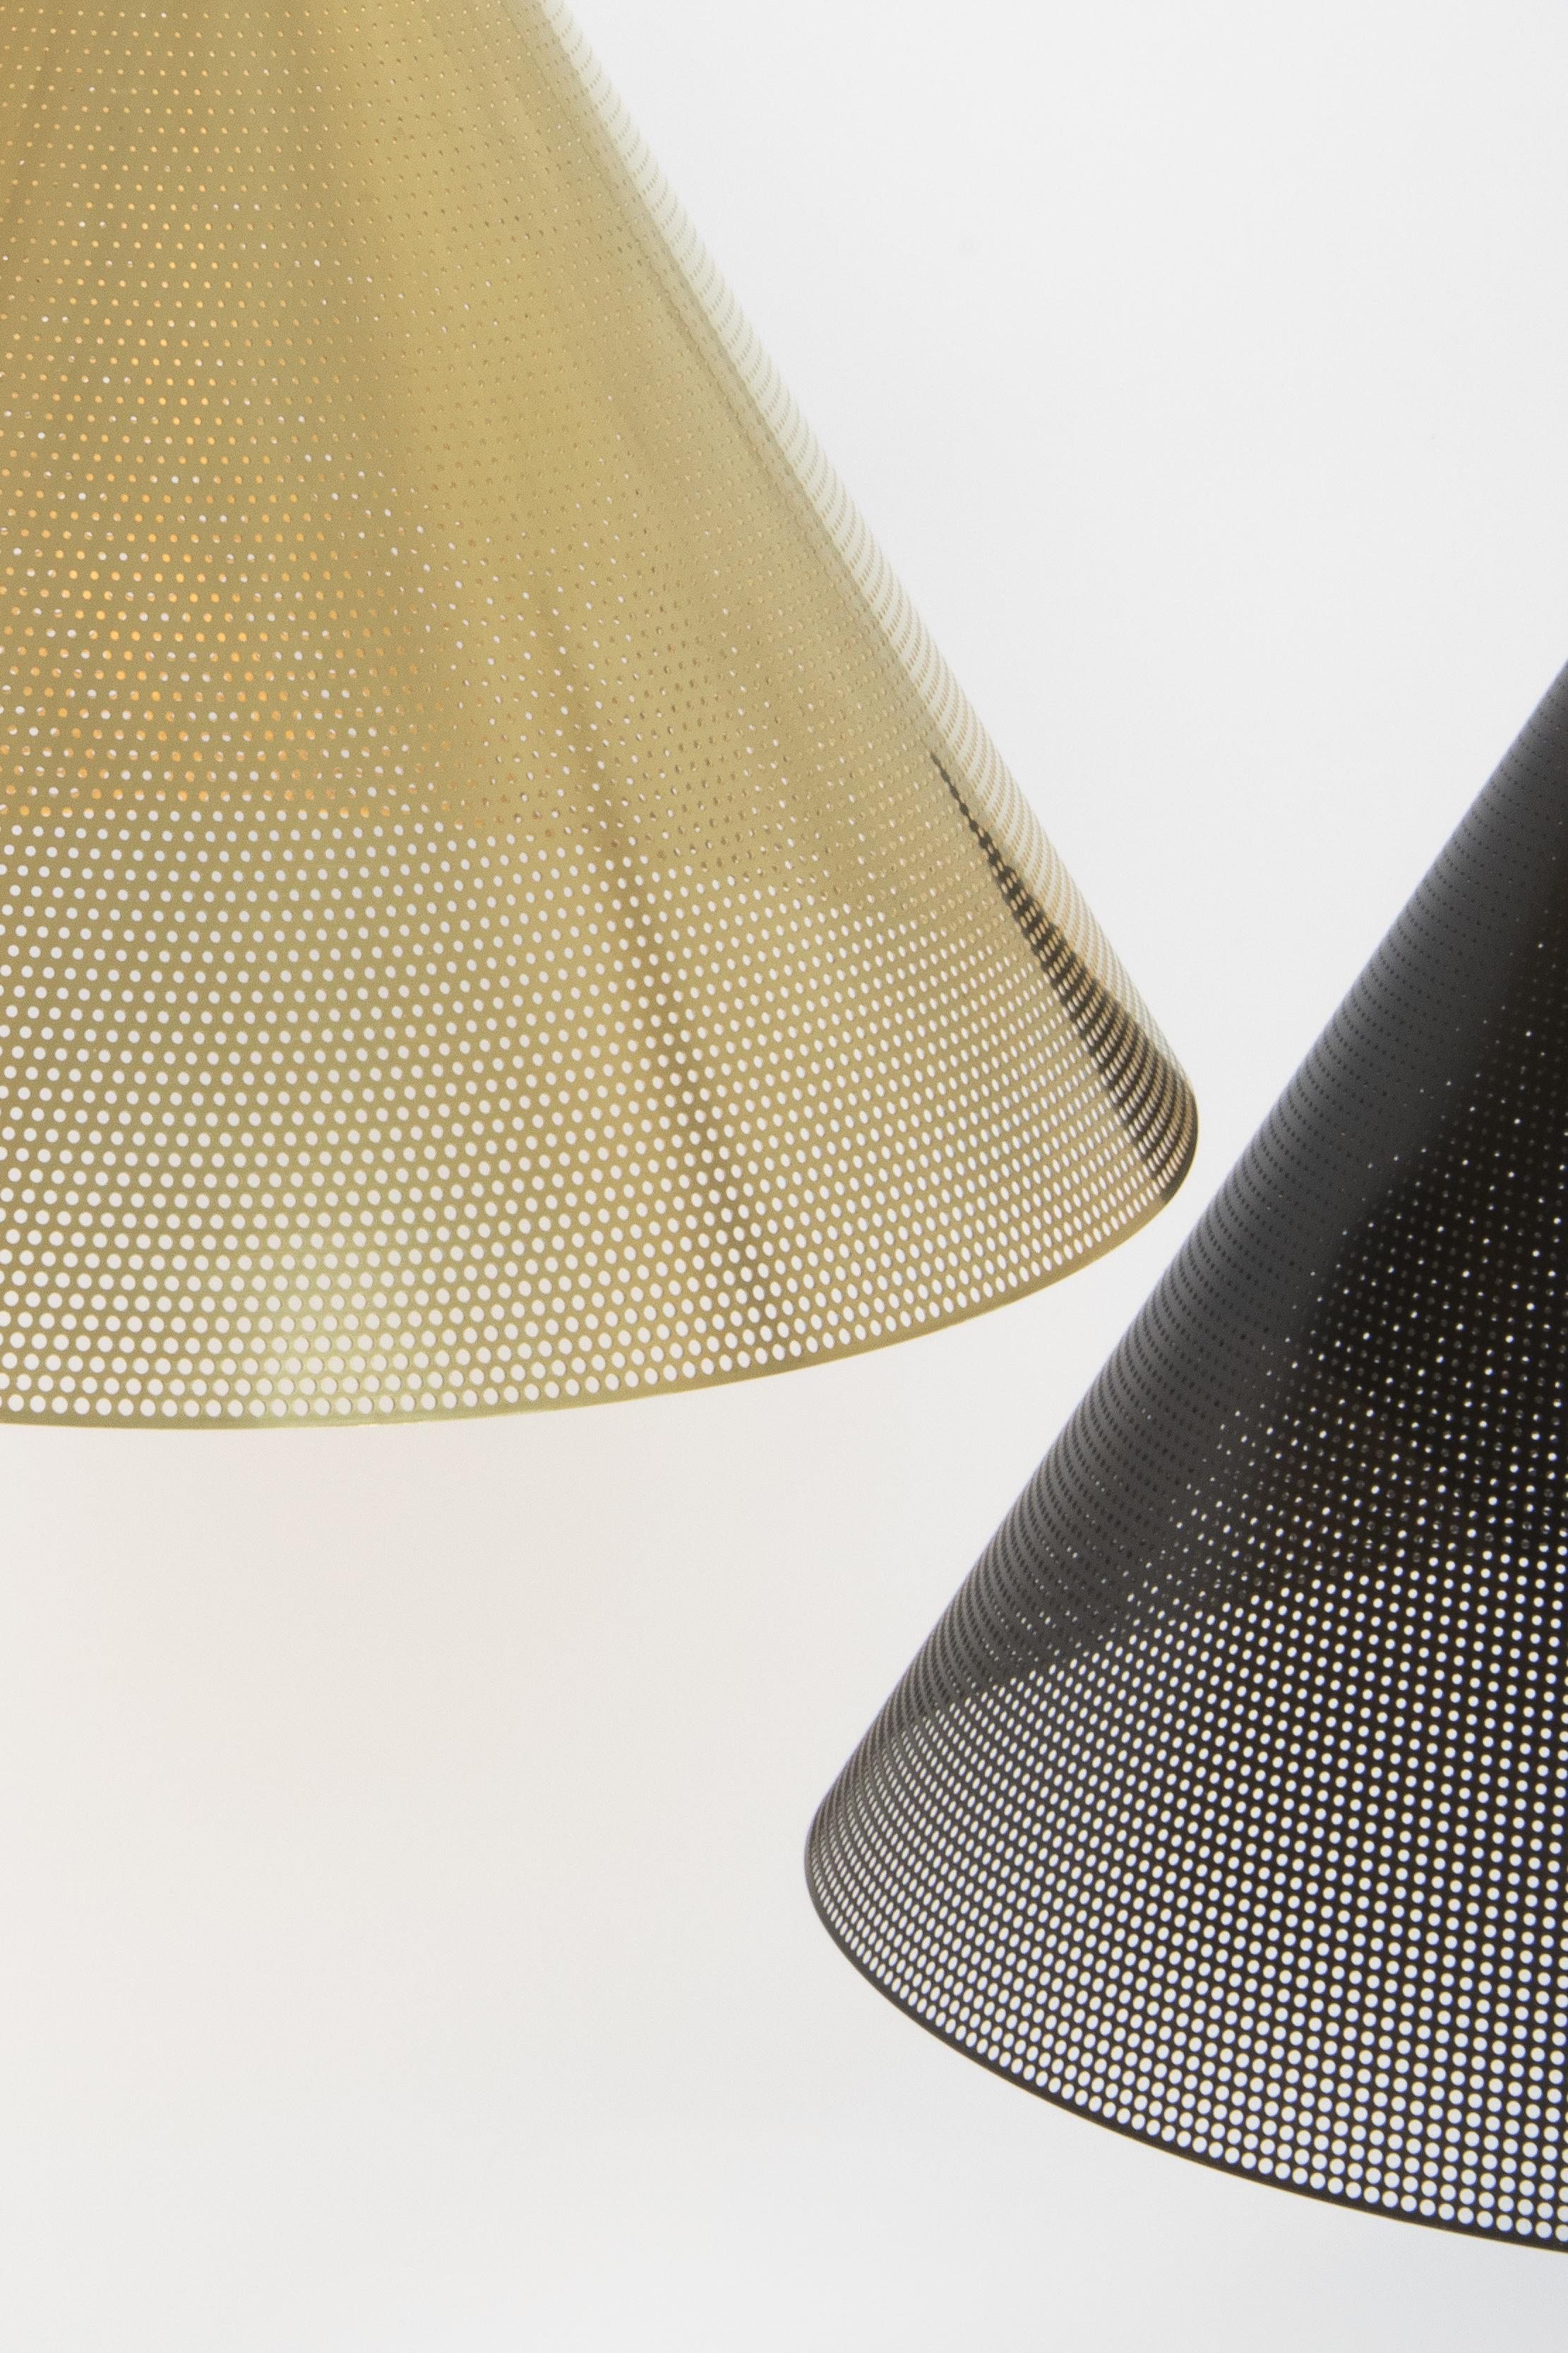 Lucid Lights pendant - detail 01 - David Derksen Design.jpg